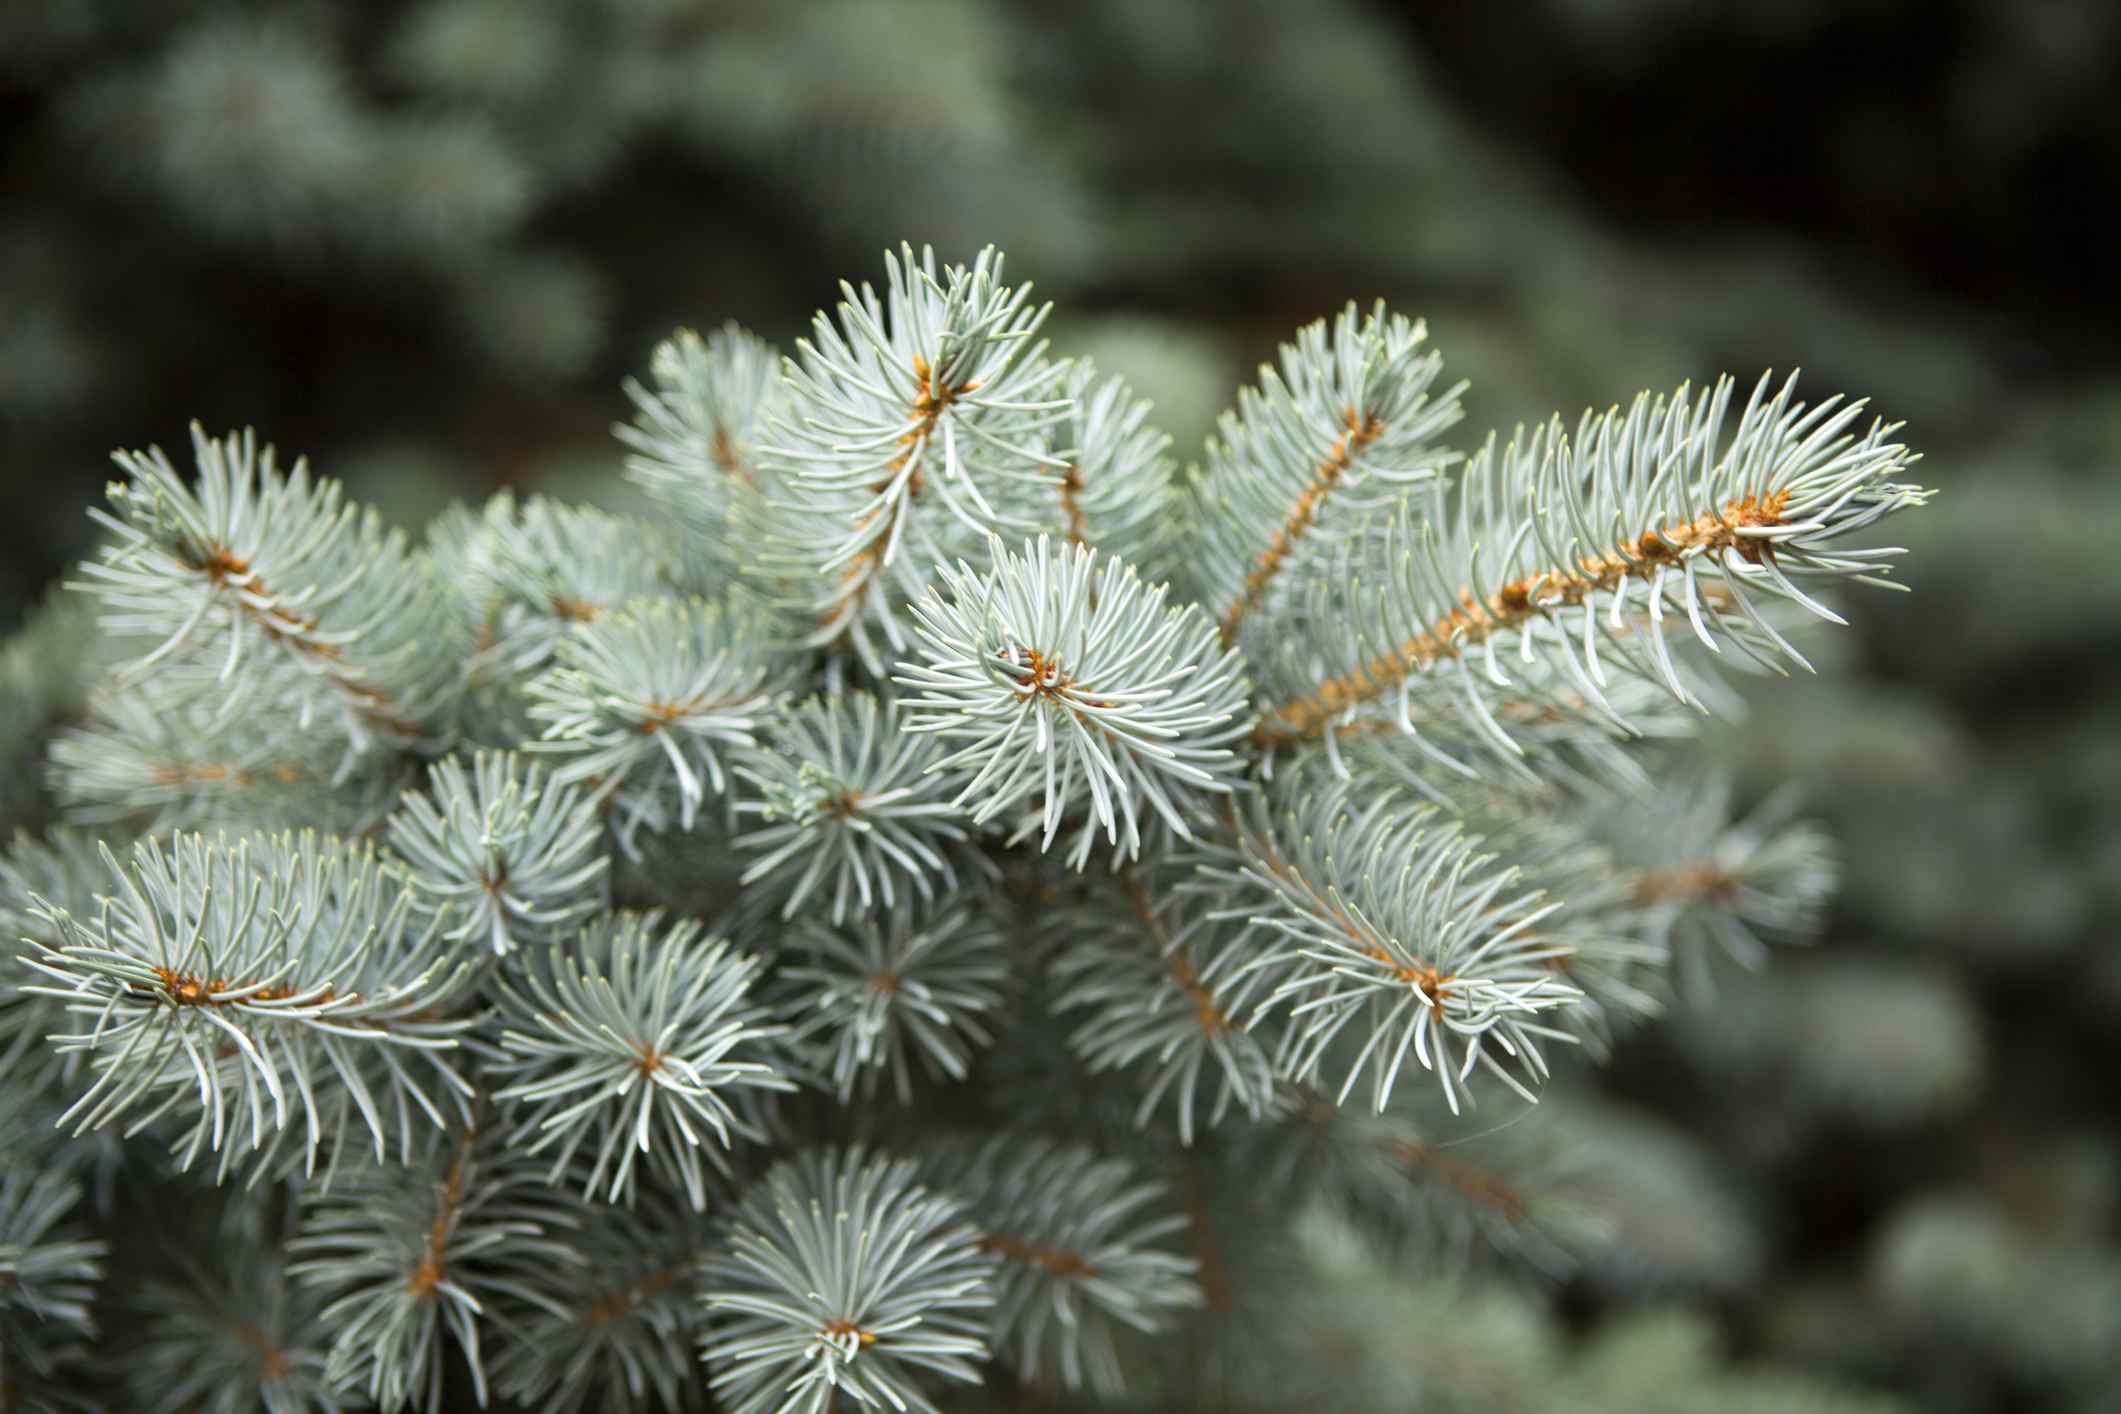 Concolor Fir Branch (White Fir)